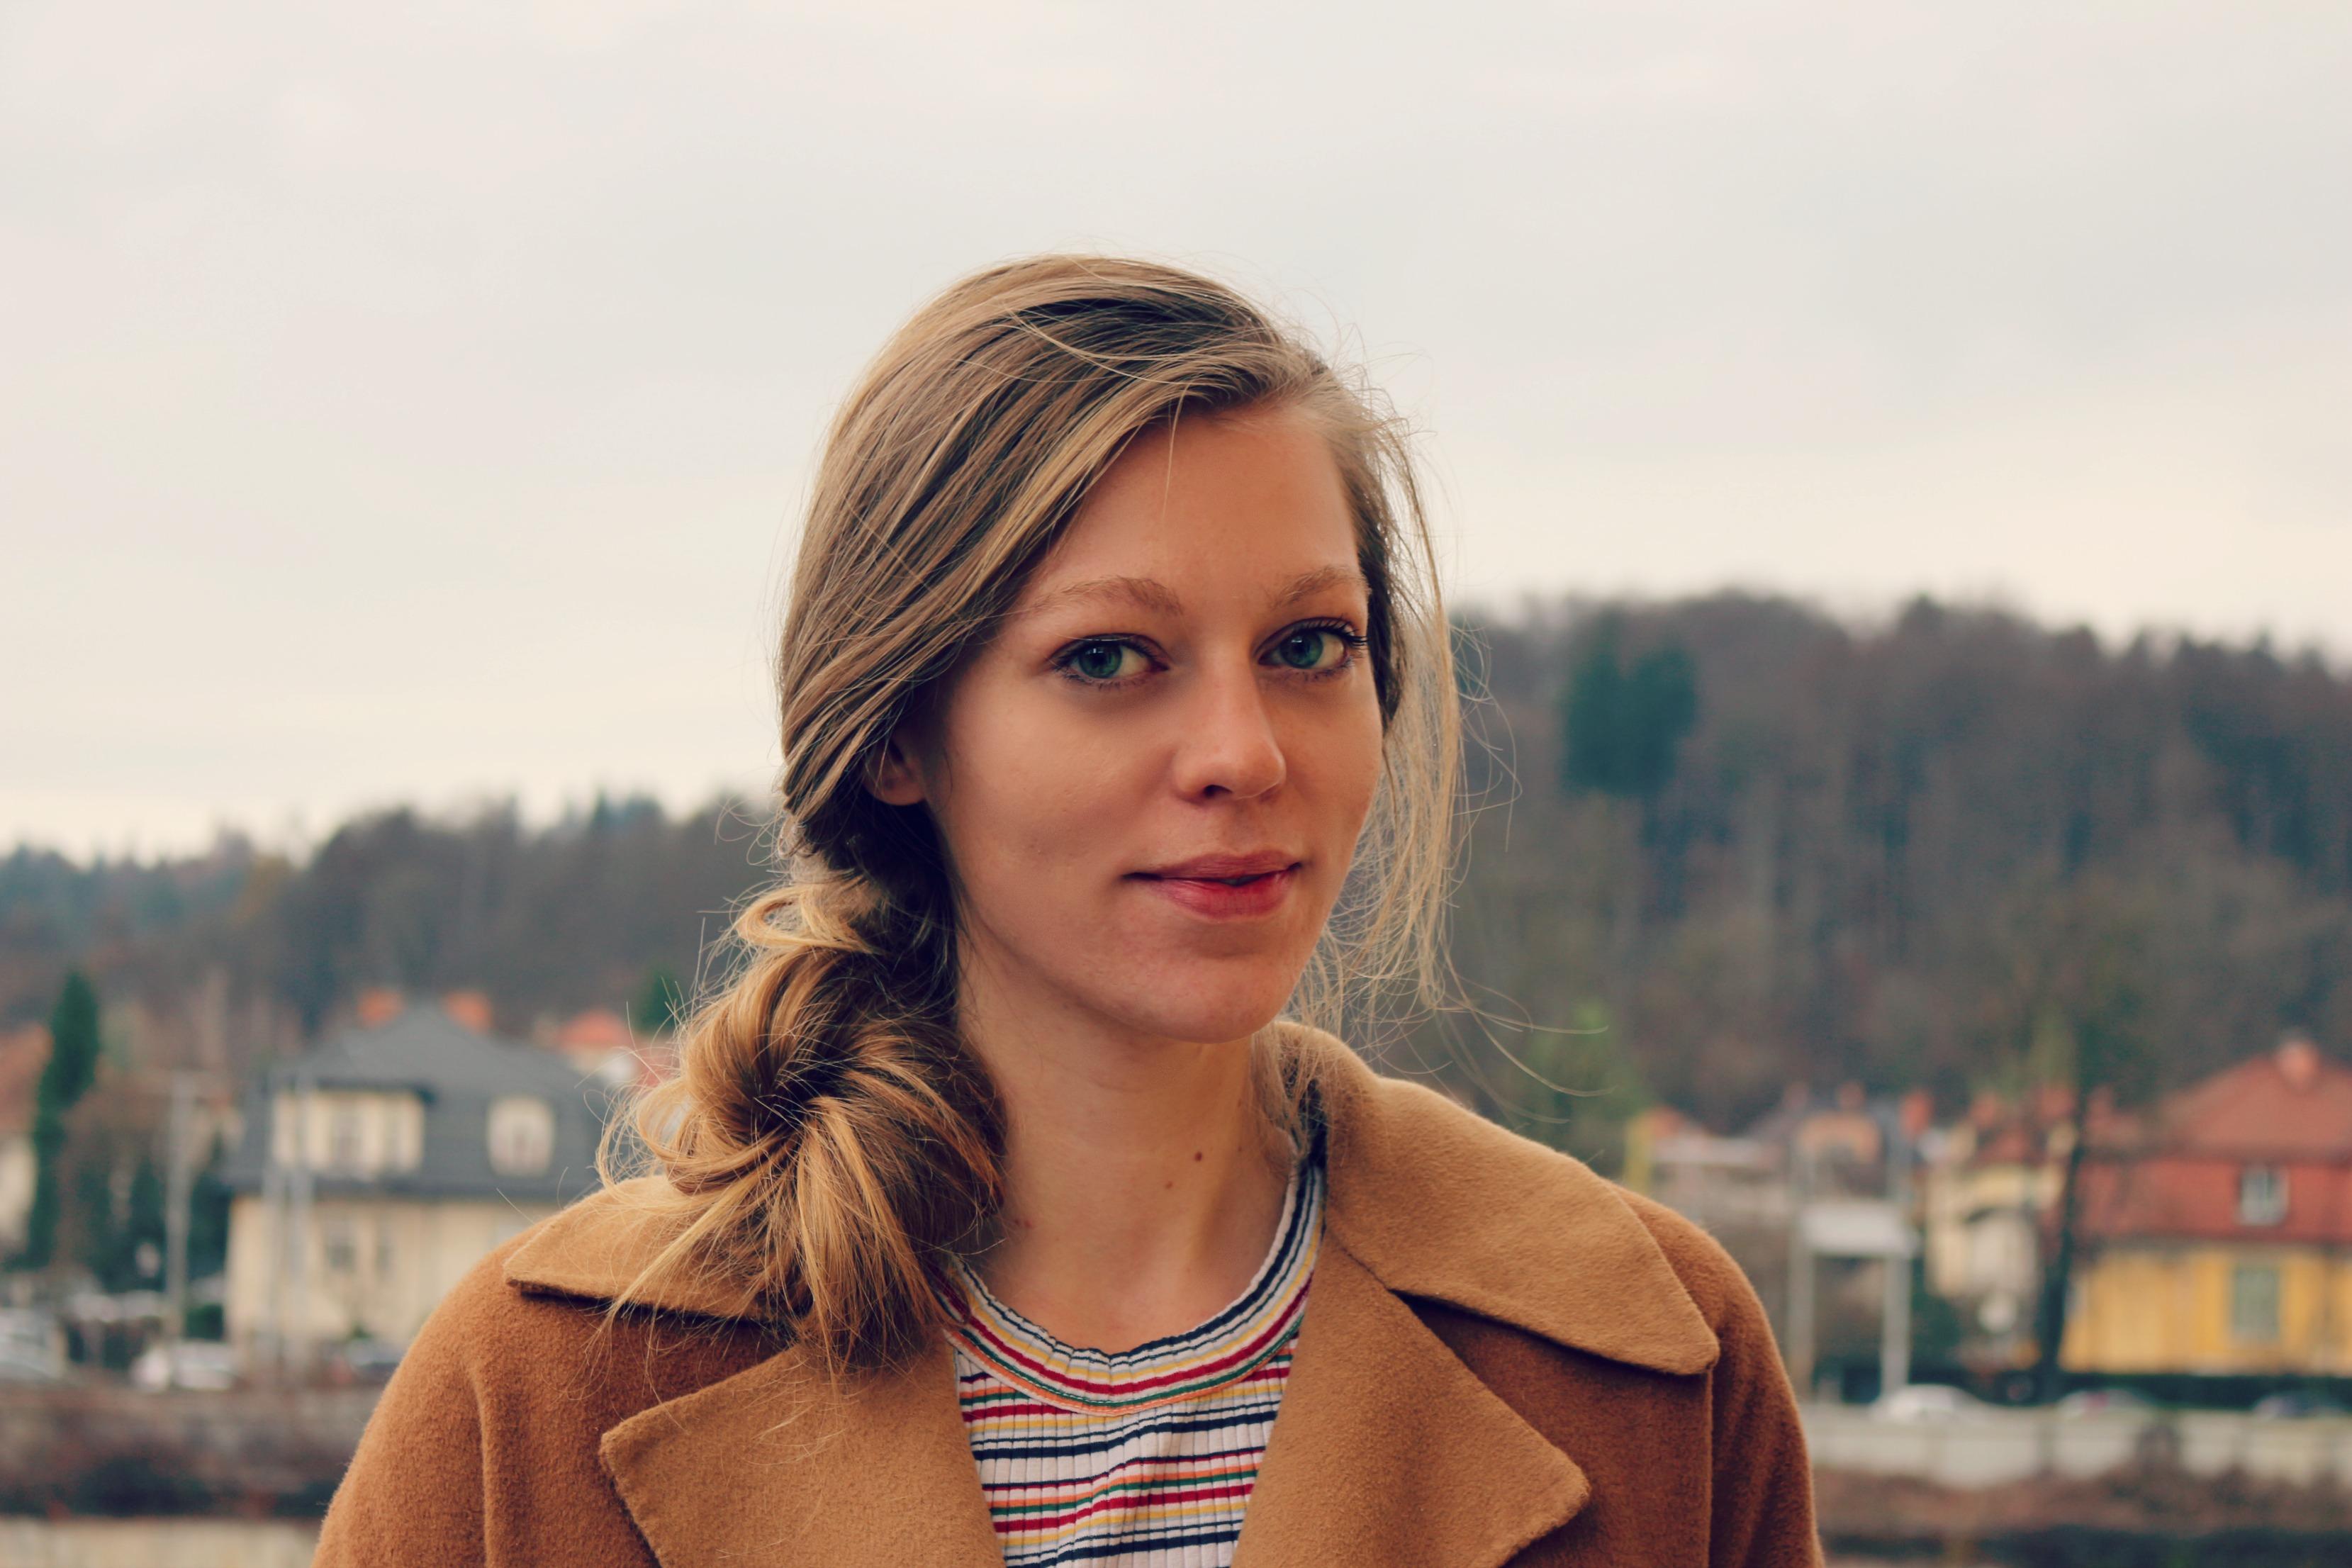 Novinarka podcrto.si Tanja Pirnat, nagrajenka Društva novinarjev Slovenije za debitantko leta 2016. Foto: Taja Topolovec